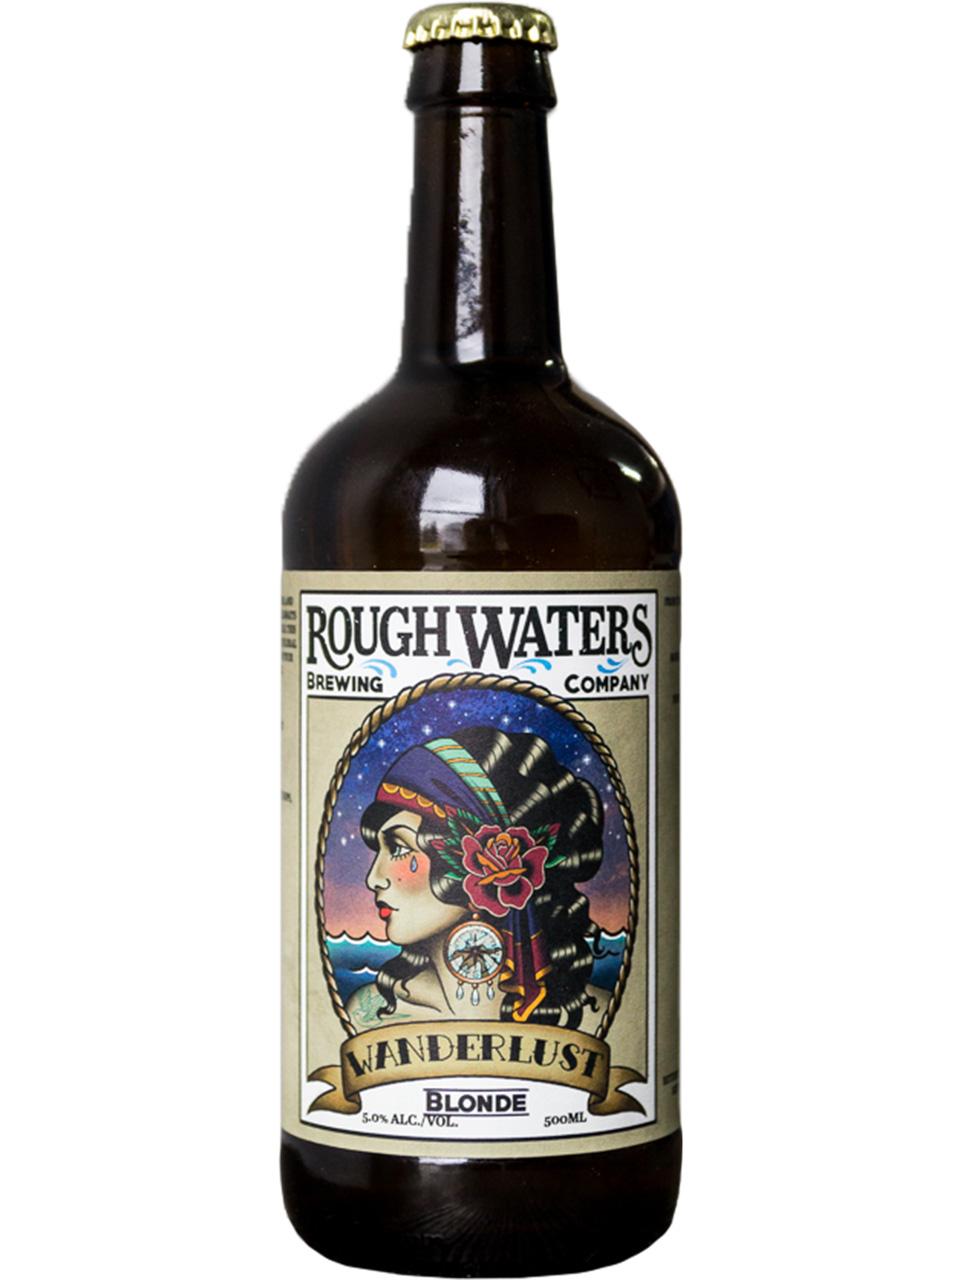 Rough Waters Wanderlust Blonde Ale 500ml Bottle